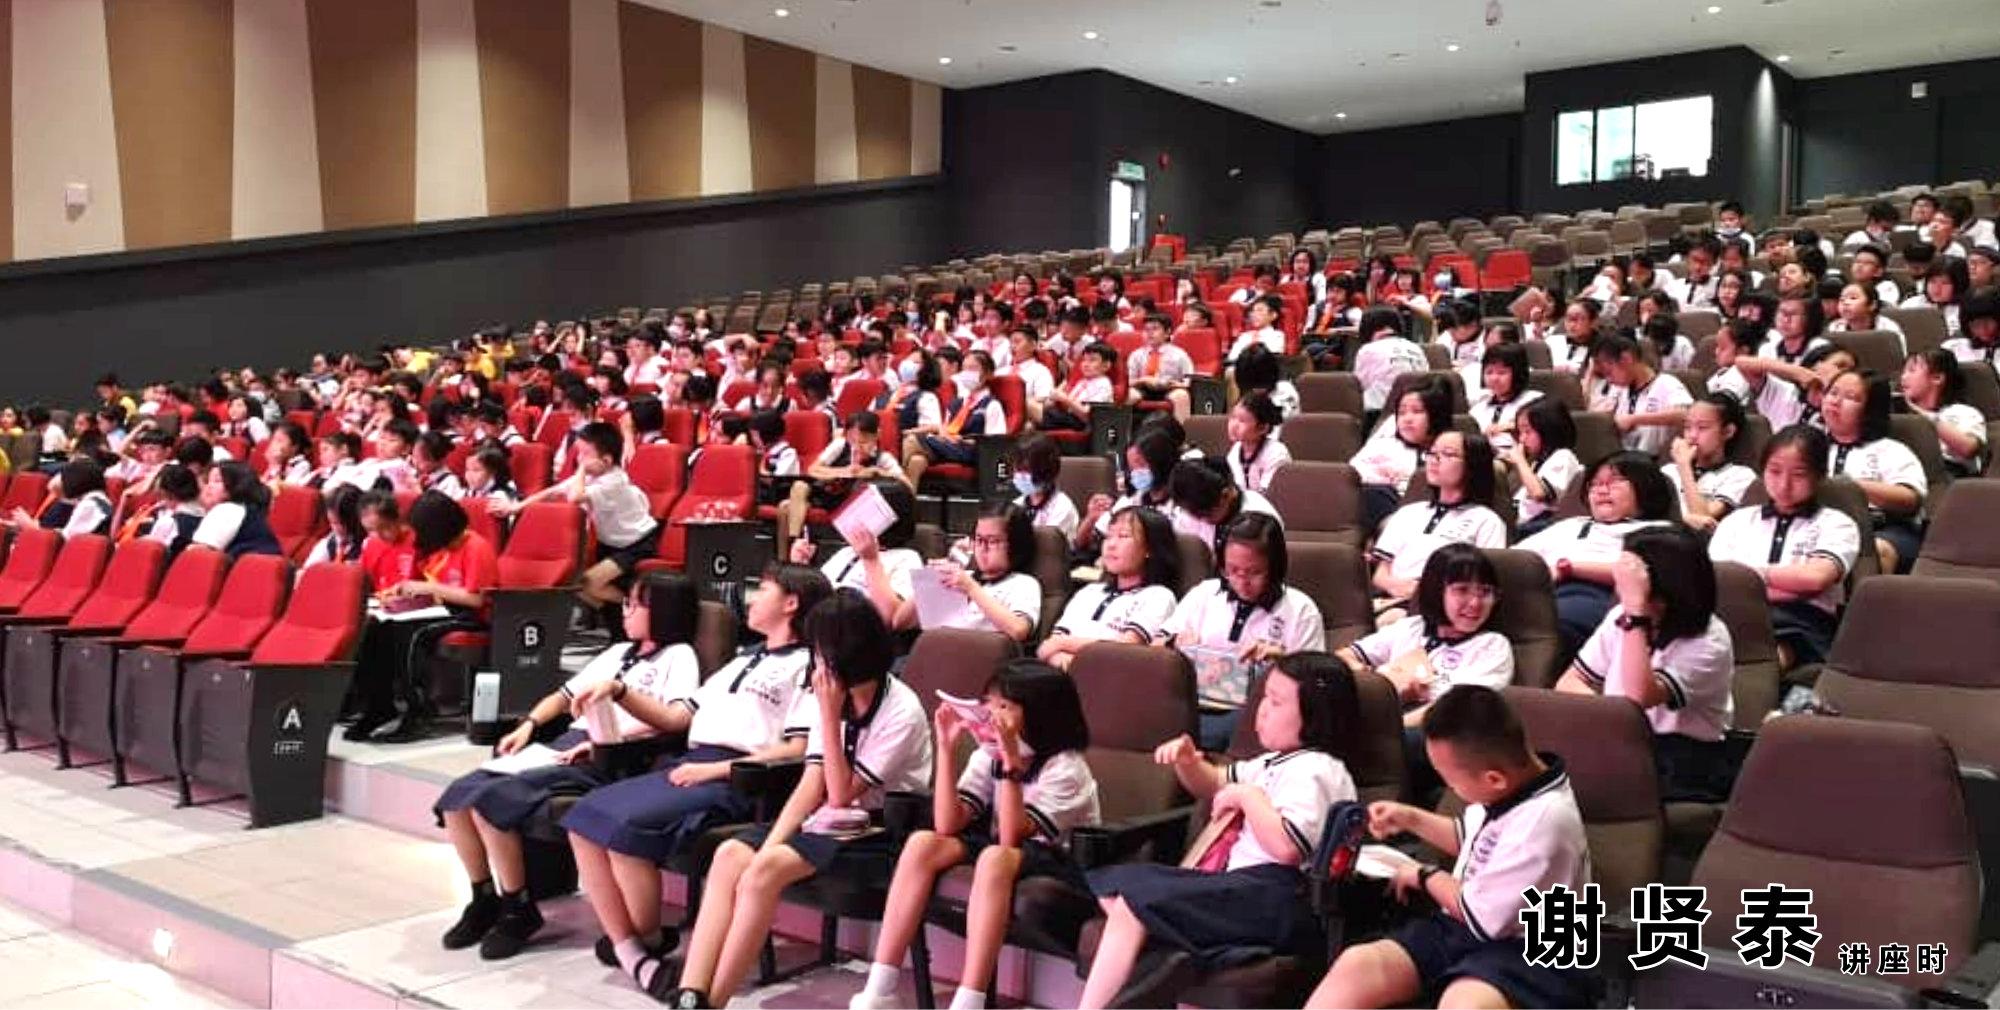 谢贤泰 新山宽柔一小 成为团队领袖 Be A Team Leader 2020小领袖培训营 麻坡小学领袖培训 新山小学培训 A037